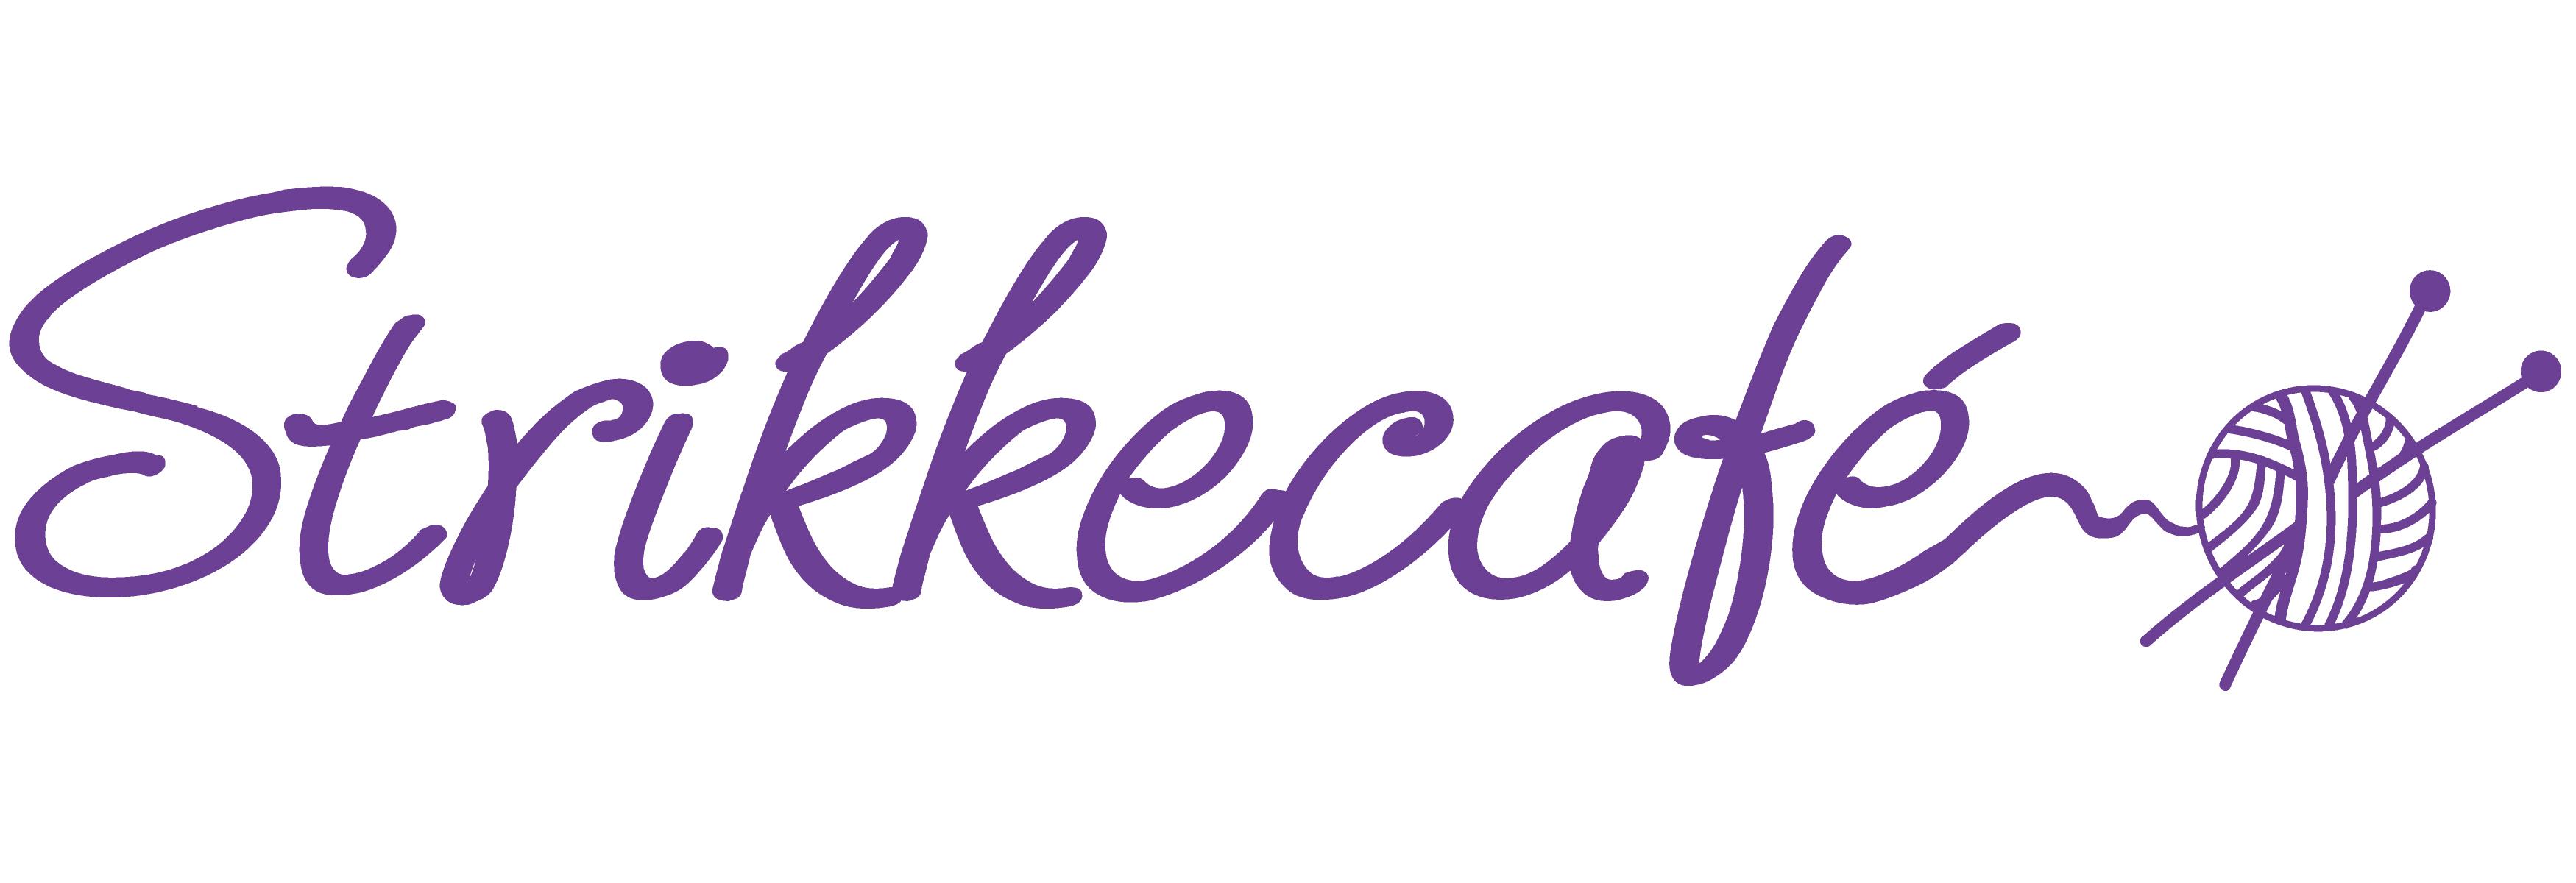 Strikkecafe